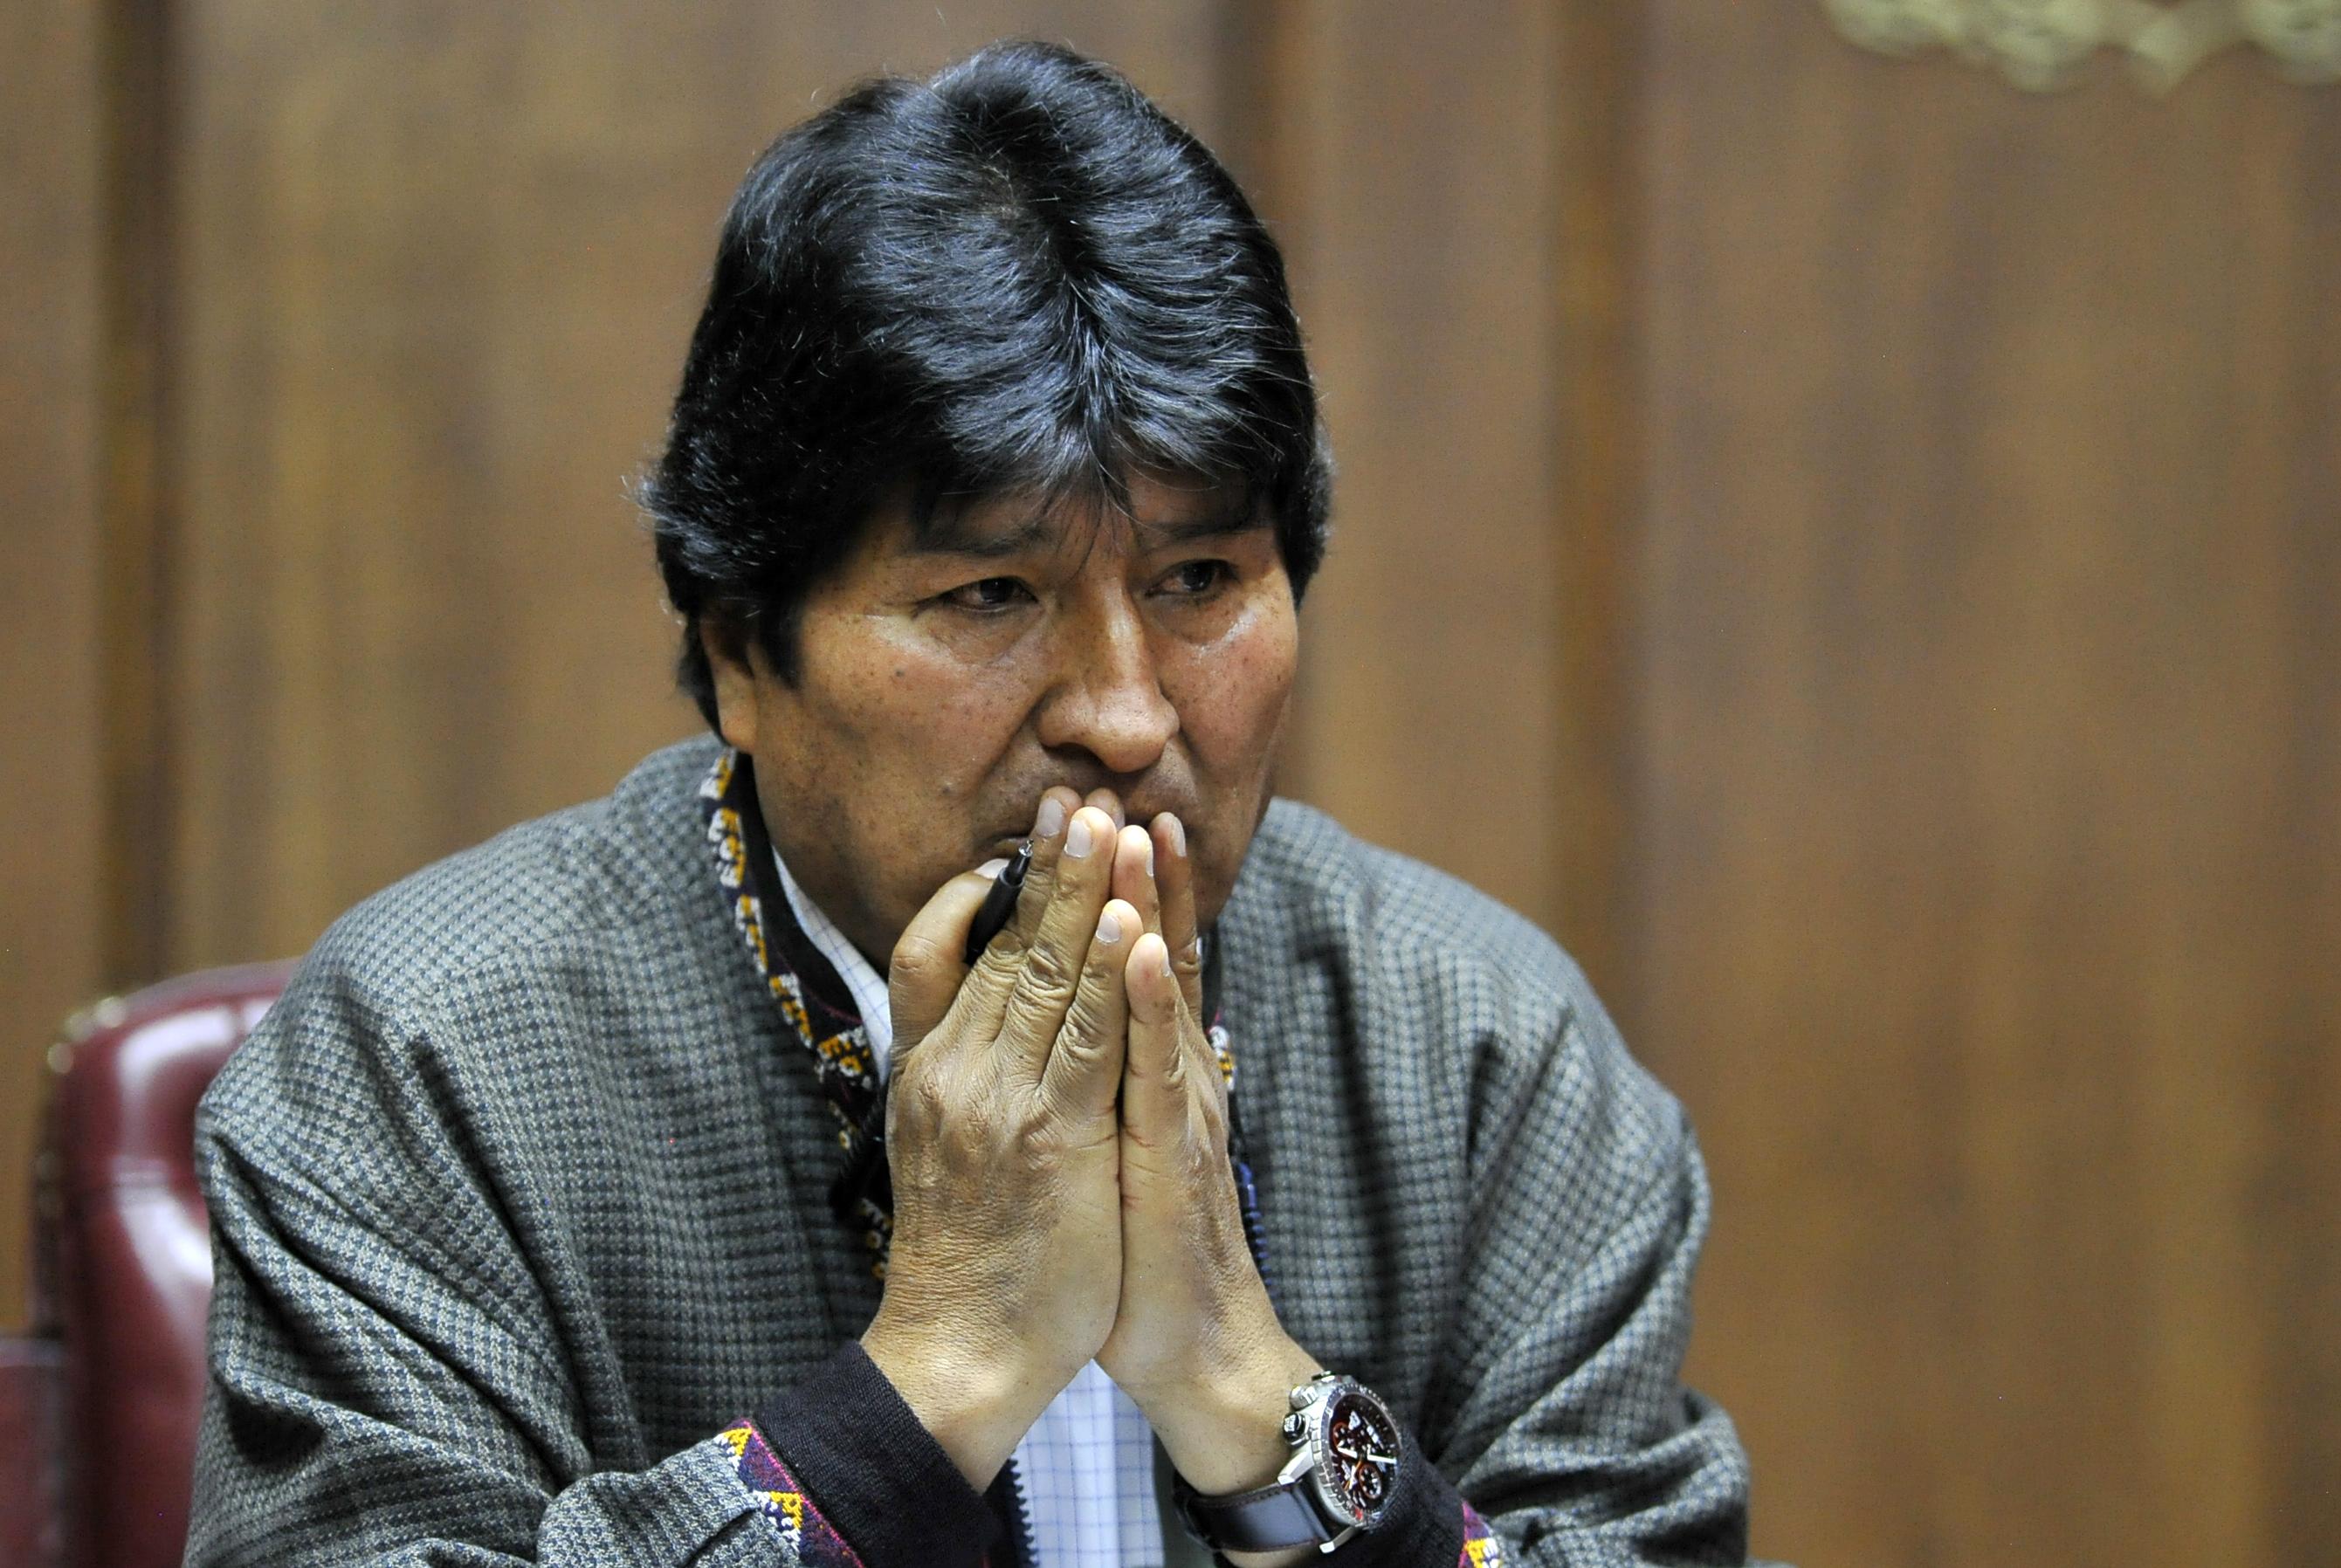 Eltiltották a választási részvételtől Bolívia elüldözött elnökét